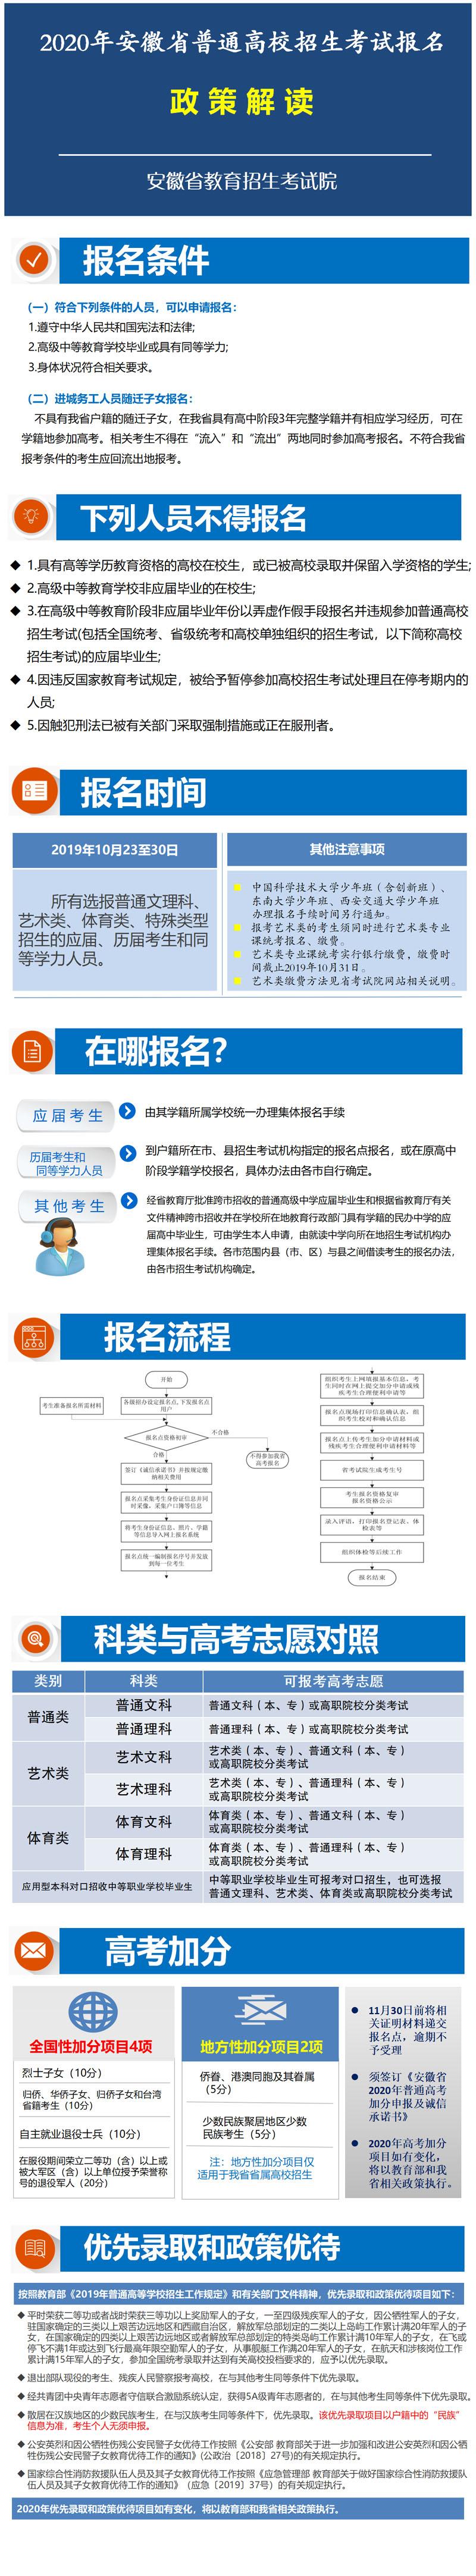 2020年安徽省普通高校招生考试报名政策解读